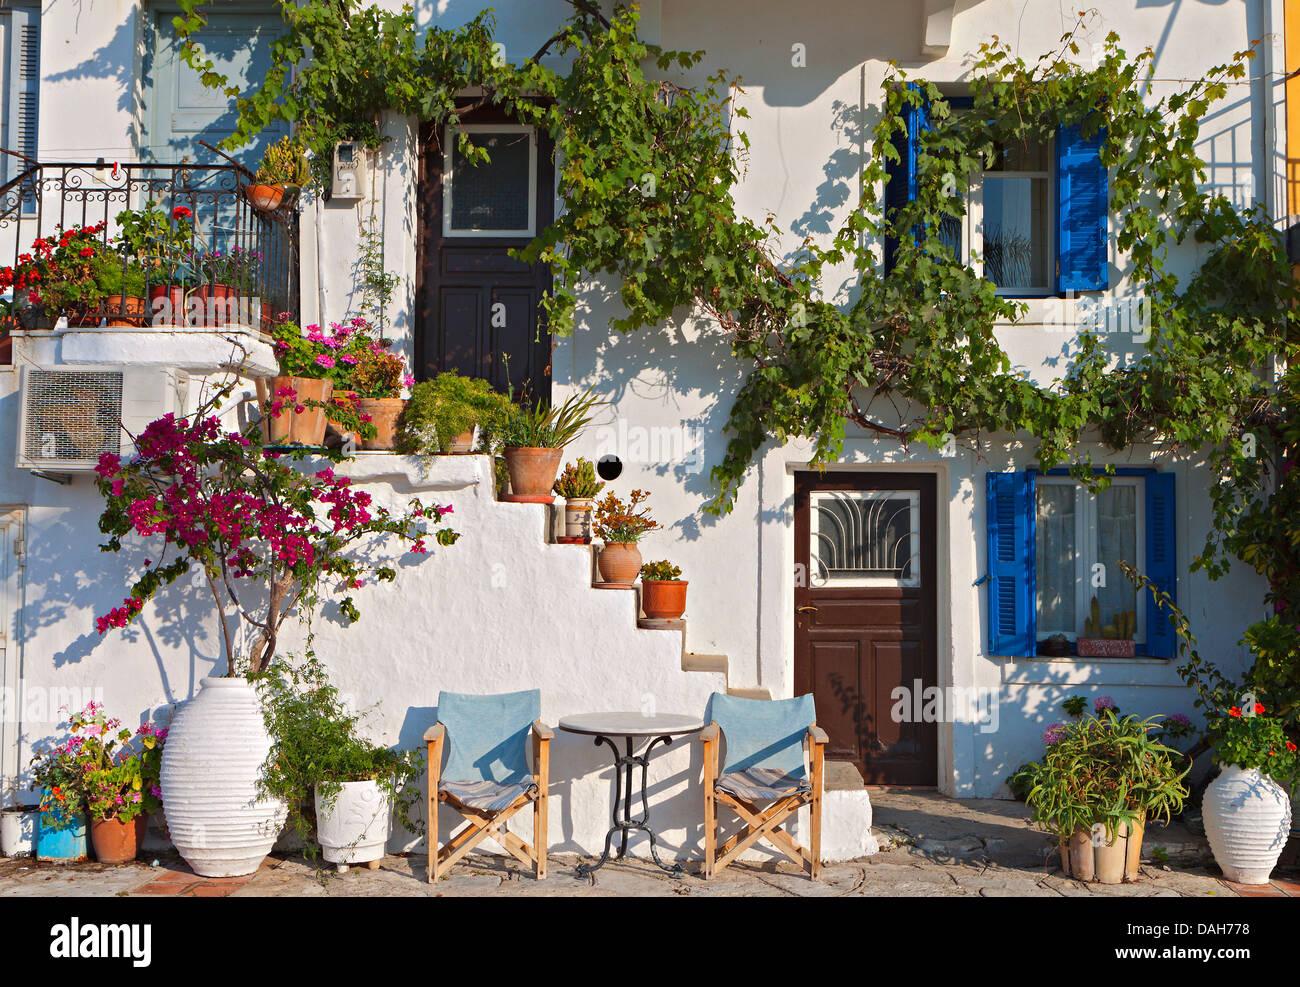 Greco casa tradizionale a Parga città in Grecia Immagini Stock